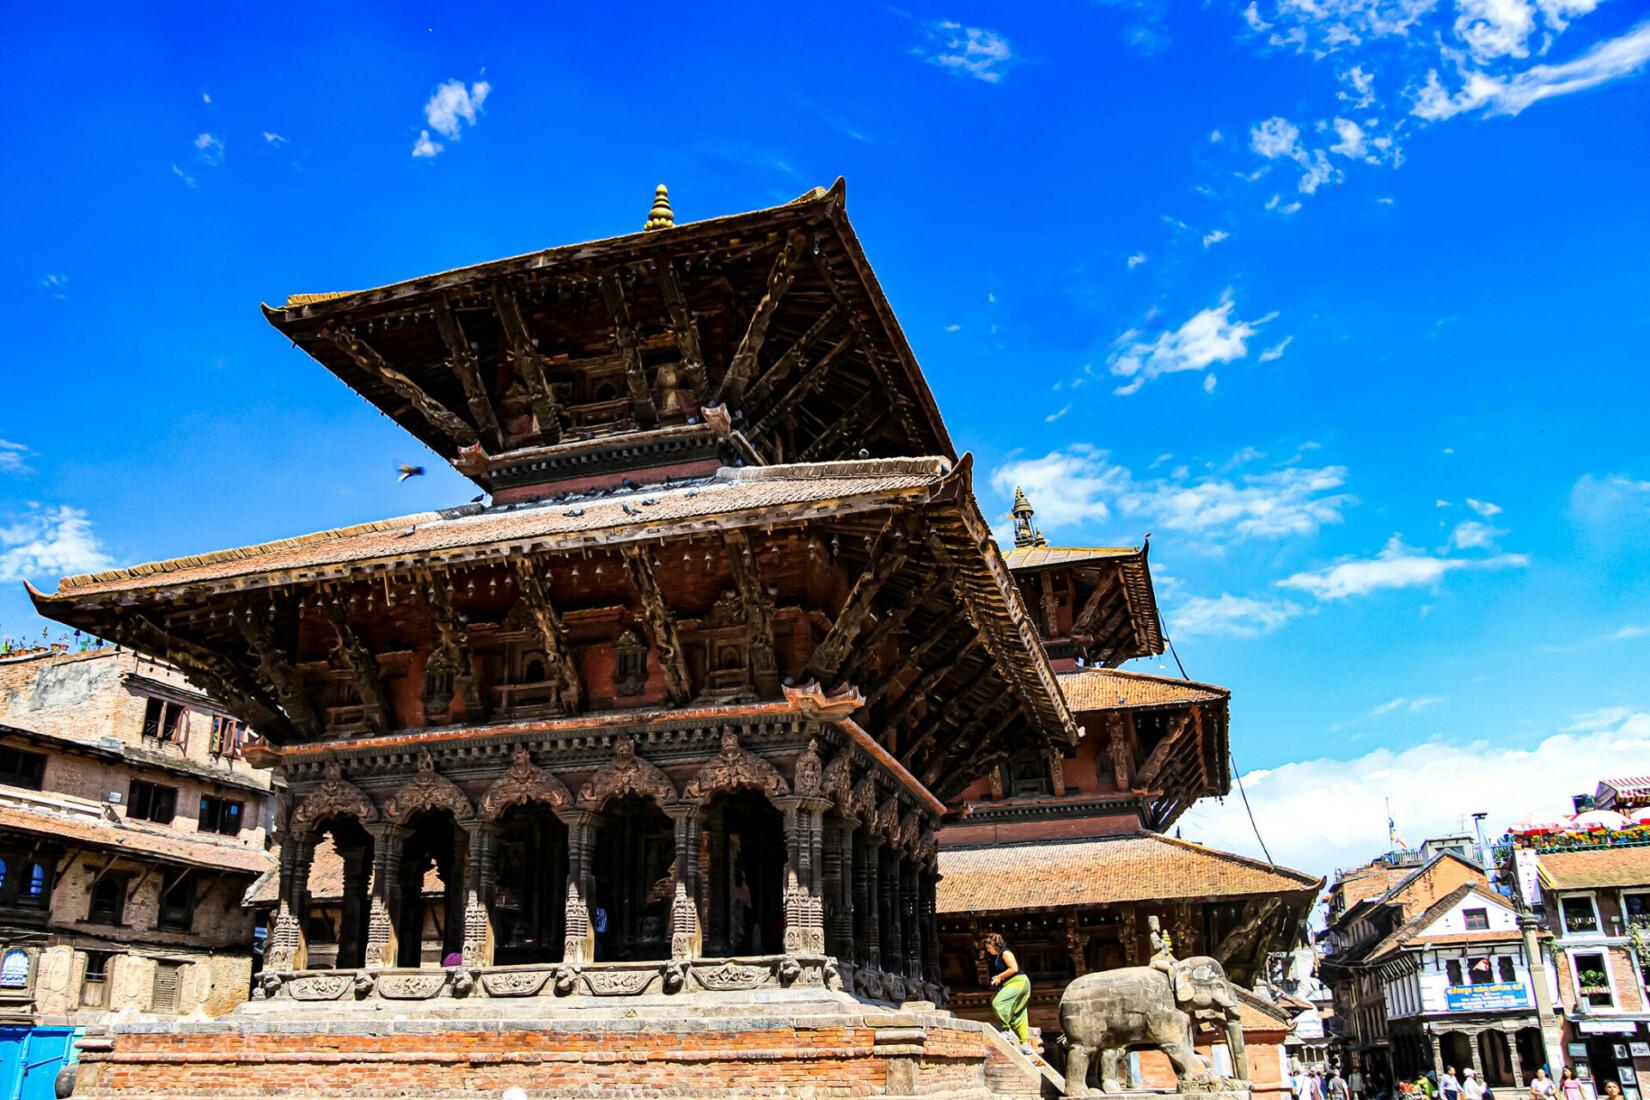 Bhai Dega-Tempel - Patan Durbar Square